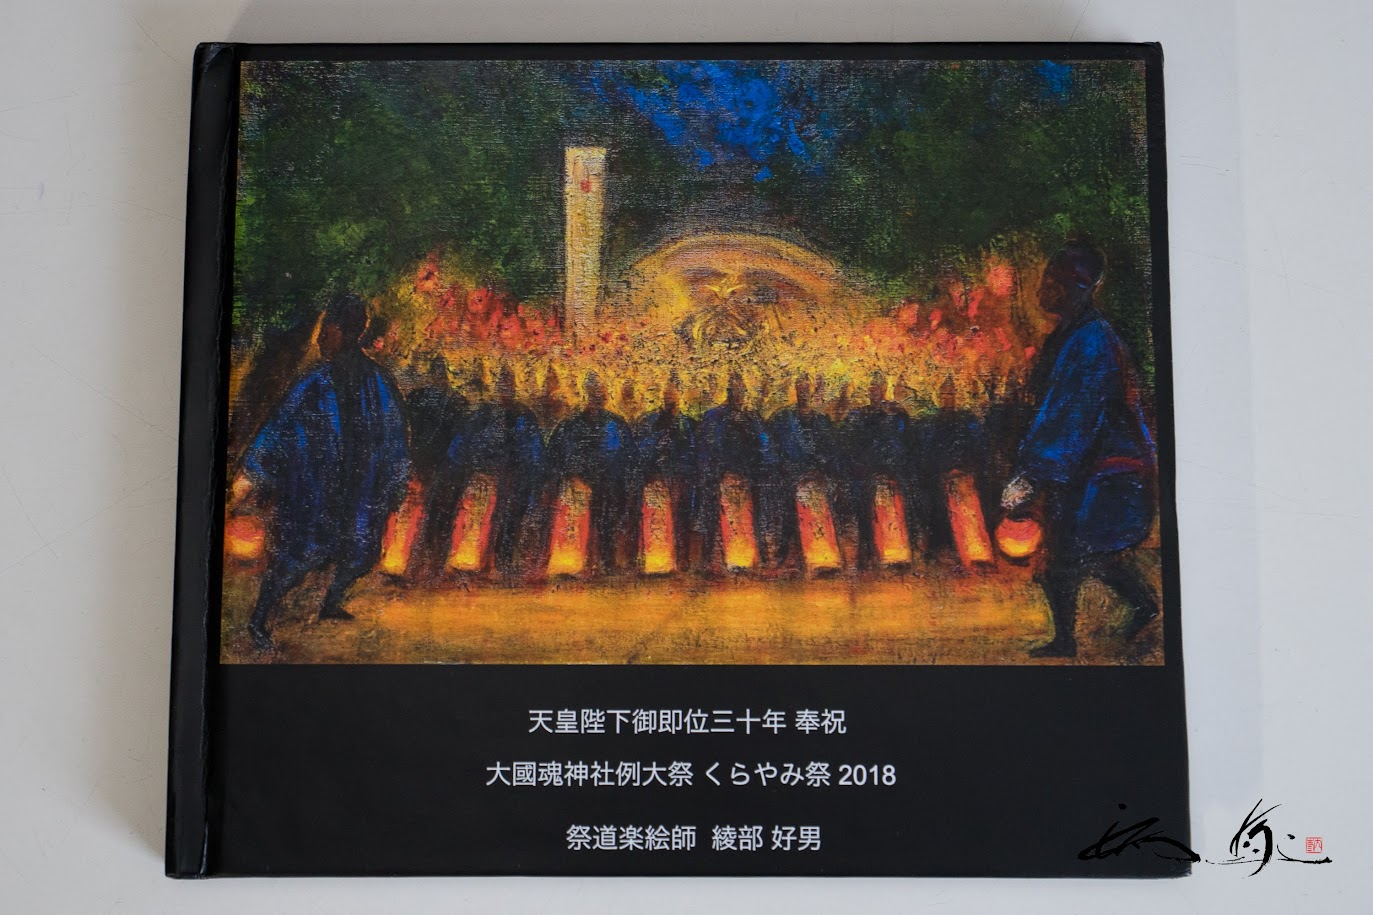 大國魂神社例大祭「くらやみ祭」2018